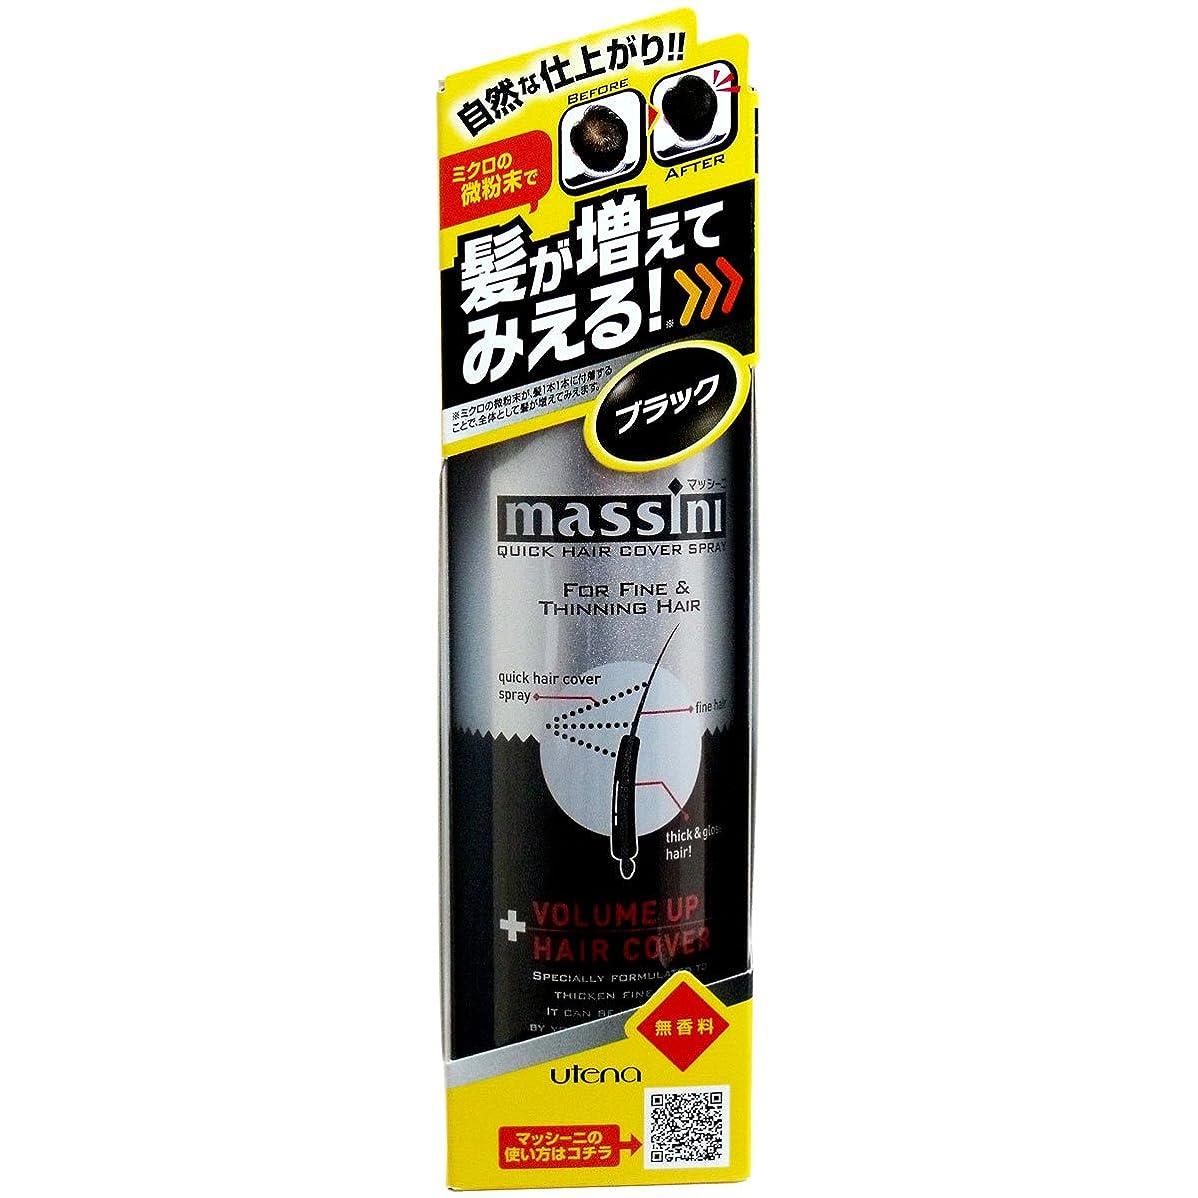 老人液体あなたのもの【ウテナ】マッシーニ クィックヘアカバースプレー(ブラック) 140g ×5個セット